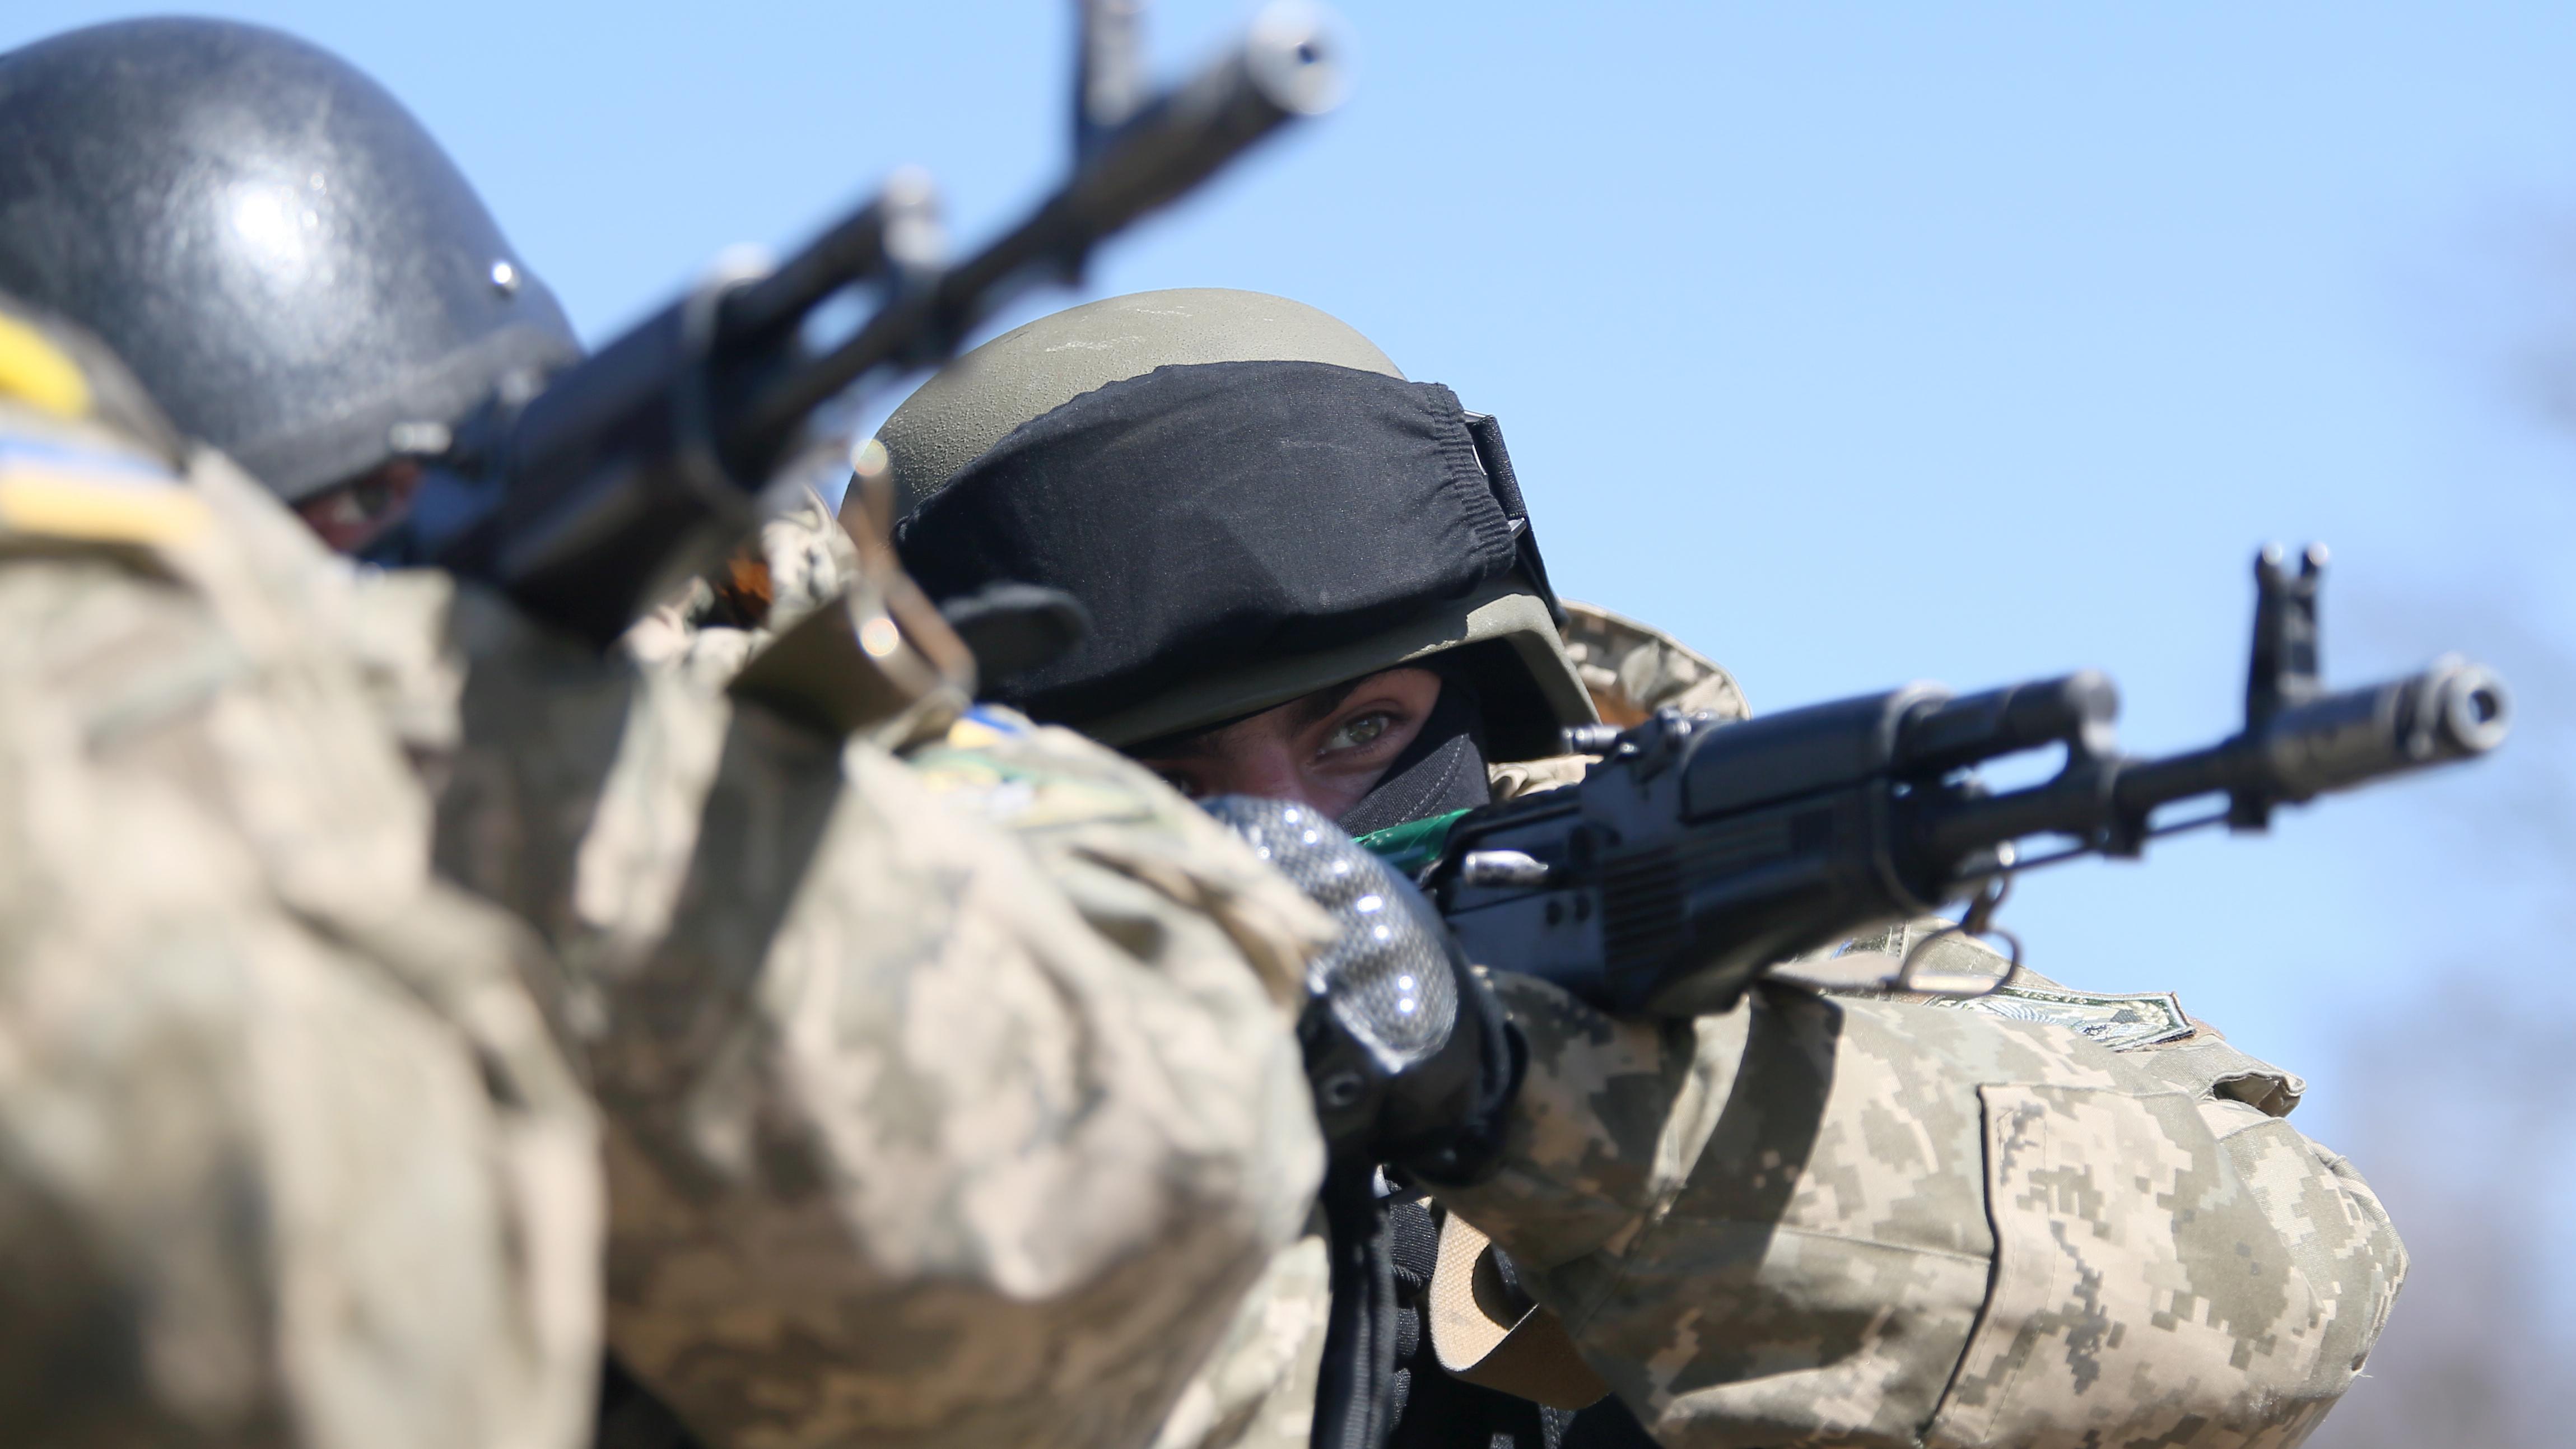 Боевики продолжают обстреливать позиции ВСУ навсех направлениях— День вАТО